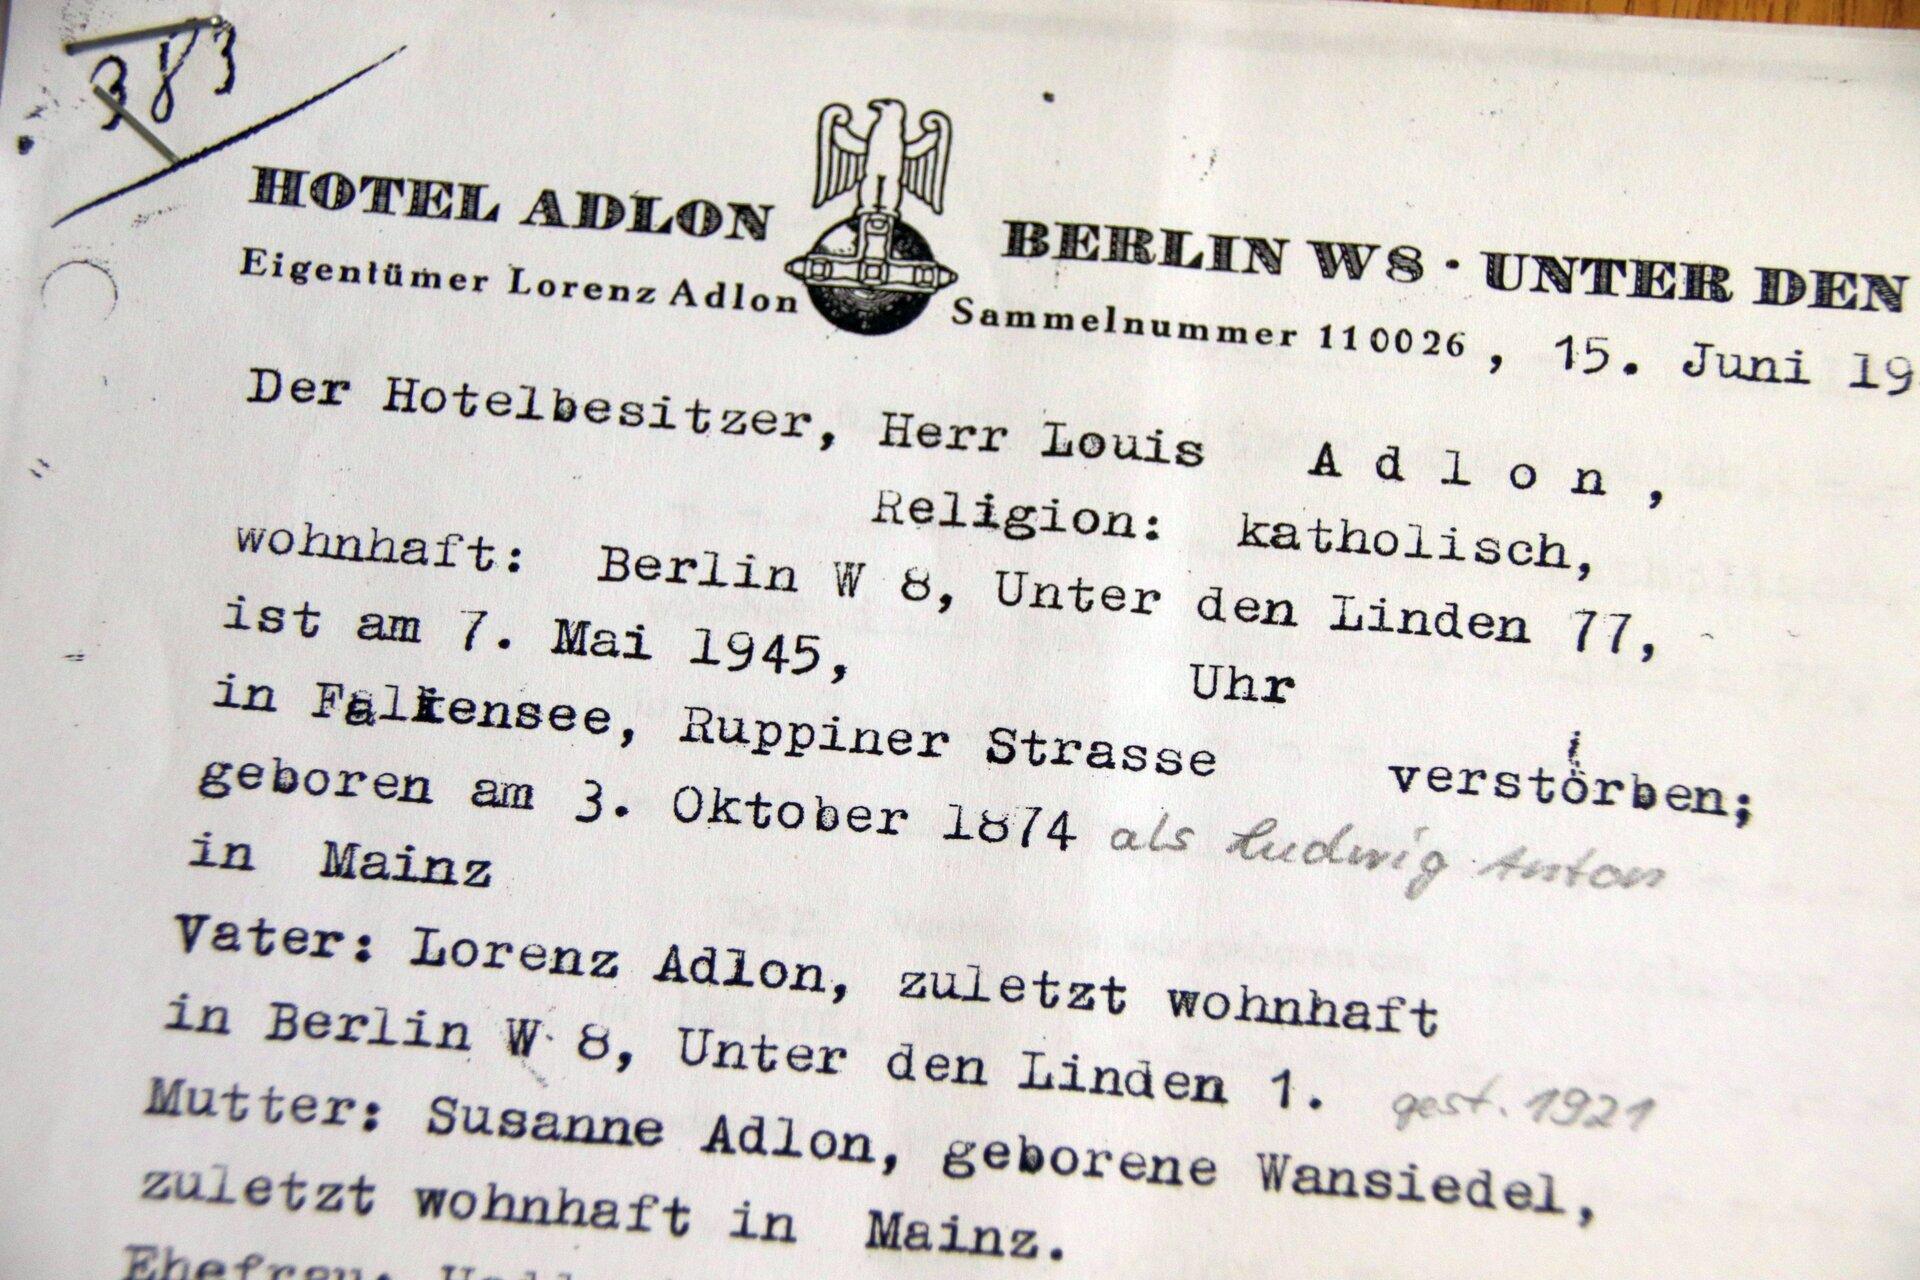 Dokumente aus dem Falkenseer Stadtarchiv belegen: Luis Adlon verstarb 1945 in Falkensee.